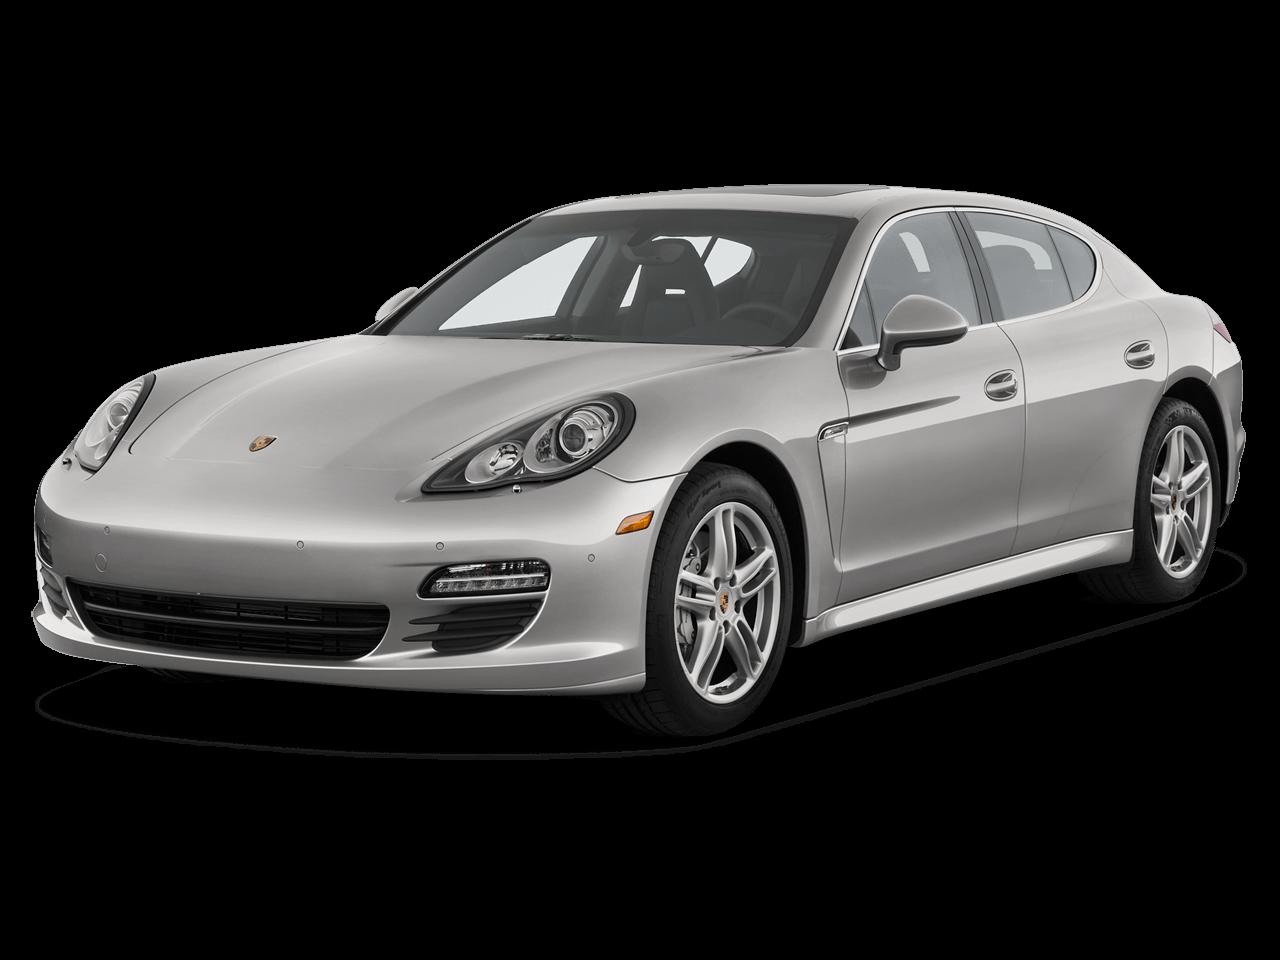 Panamera Porsche transparent PNG.